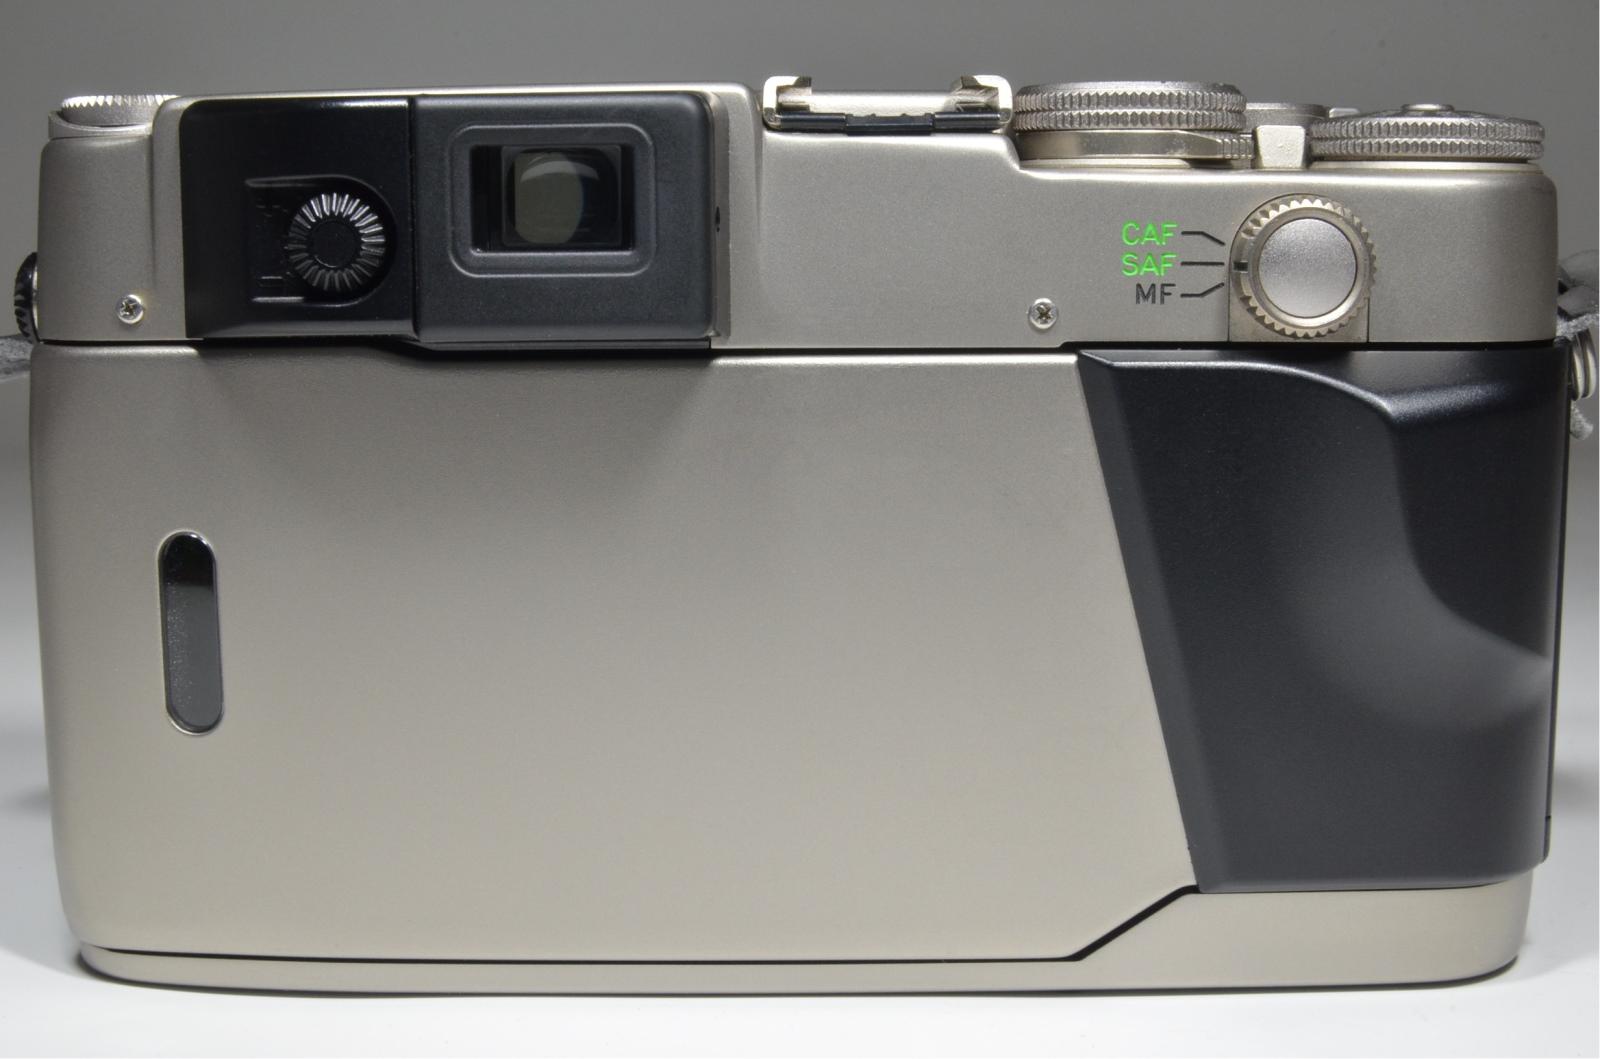 contax g2 in boxed, planar 45mm f2, biogon 28mm f2.8, sonnar 90mm f2.8, tla200